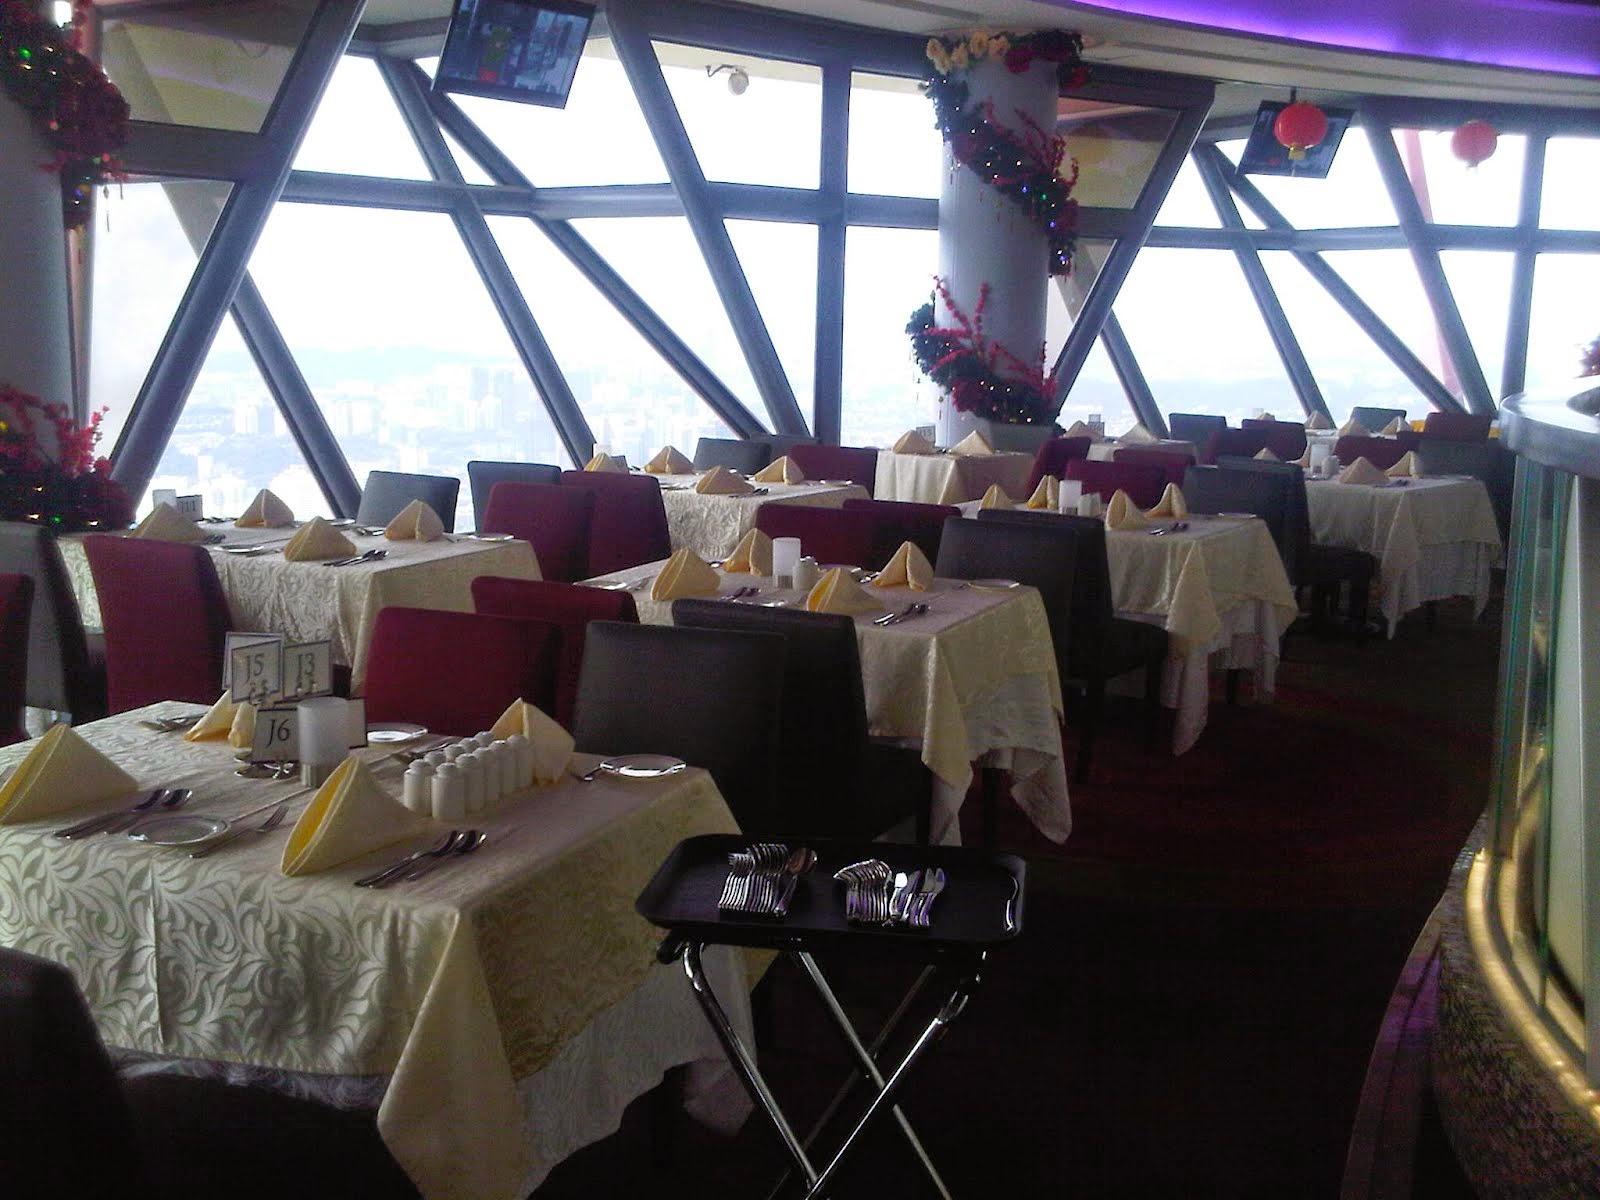 446488 المسافرون العرب اشهر مطاعم كوالالمبور atmosphere360